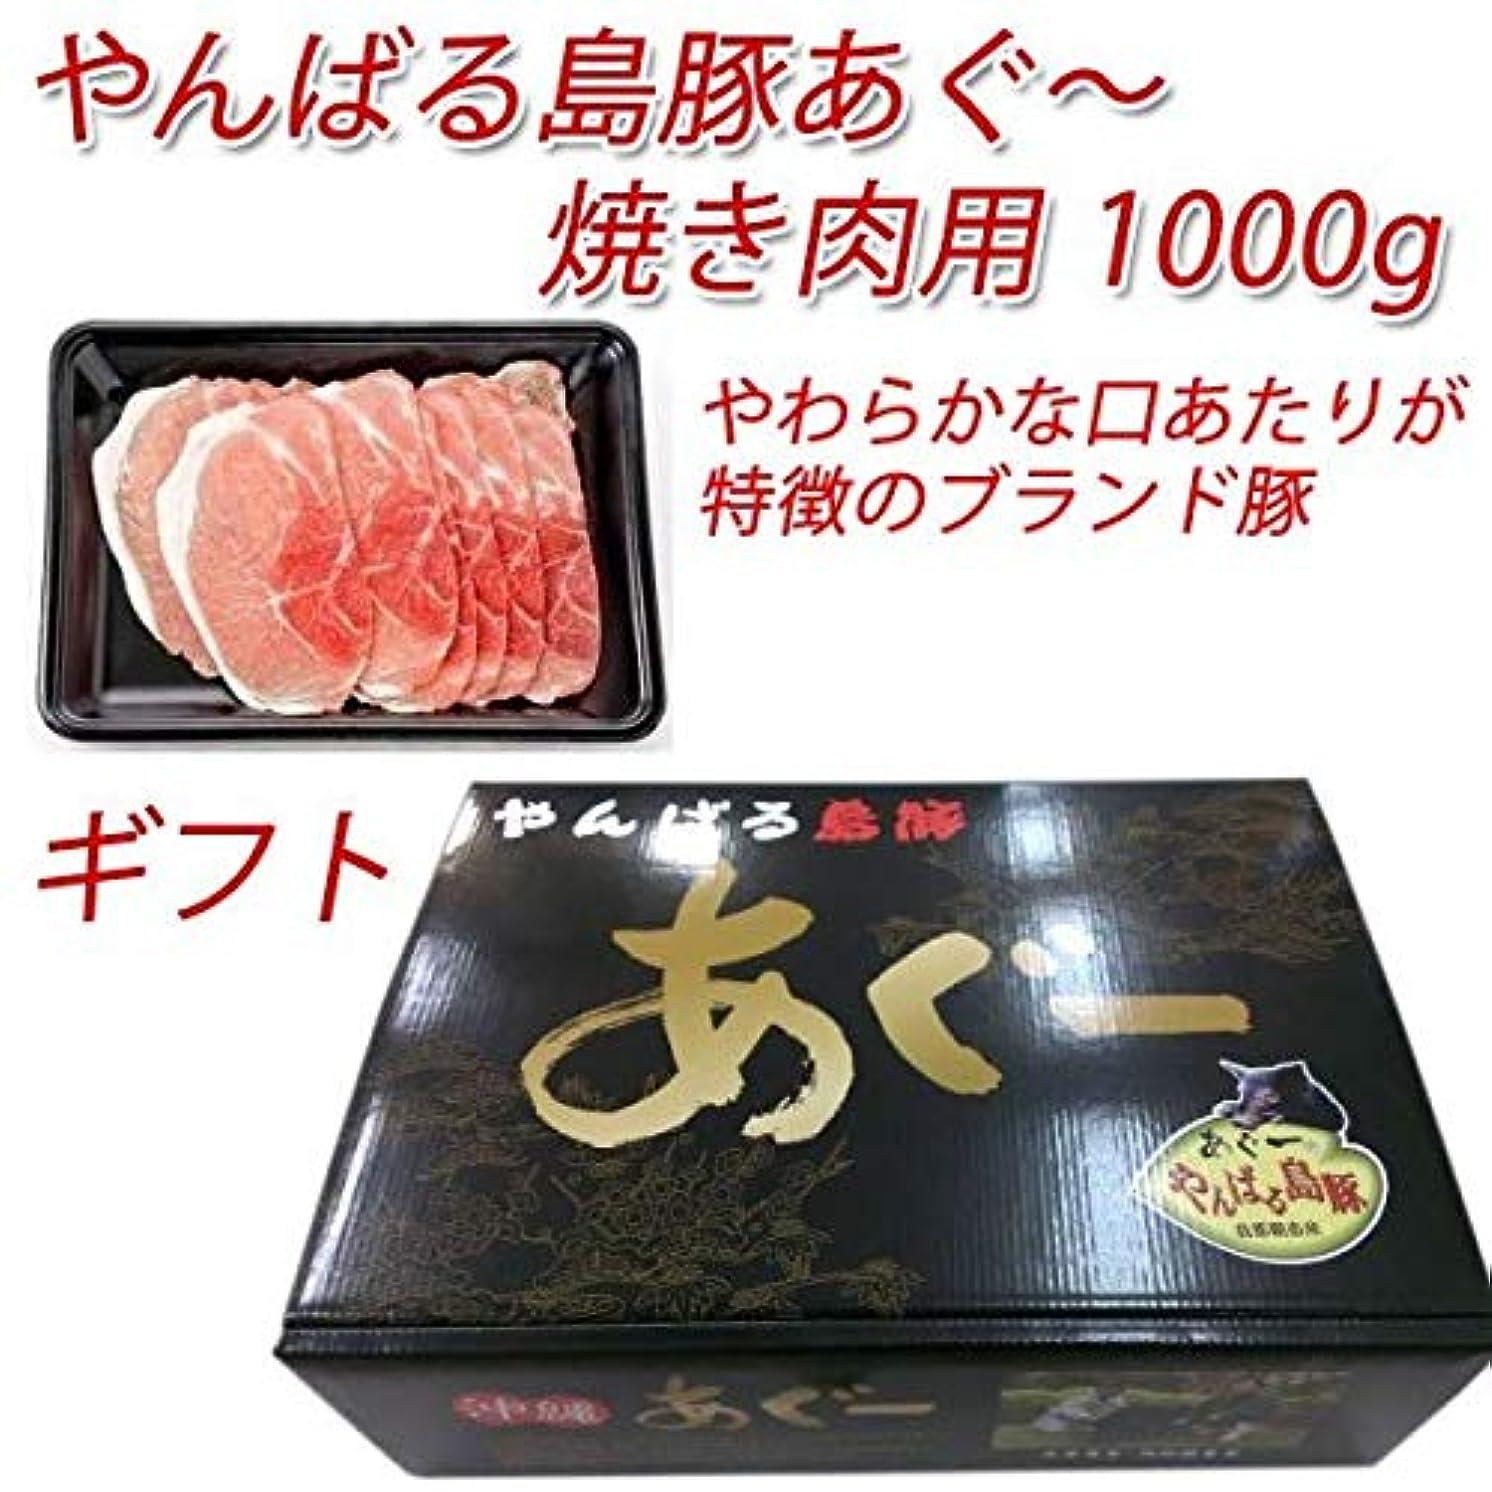 満足レバーロッカーギフト やんばる島豚あぐー 黒豚 モモ 焼き肉用 1000g フレッシュミートがなは 沖縄のブランド黒豚 脂肪が甘く旨み成分豊富な豚肉